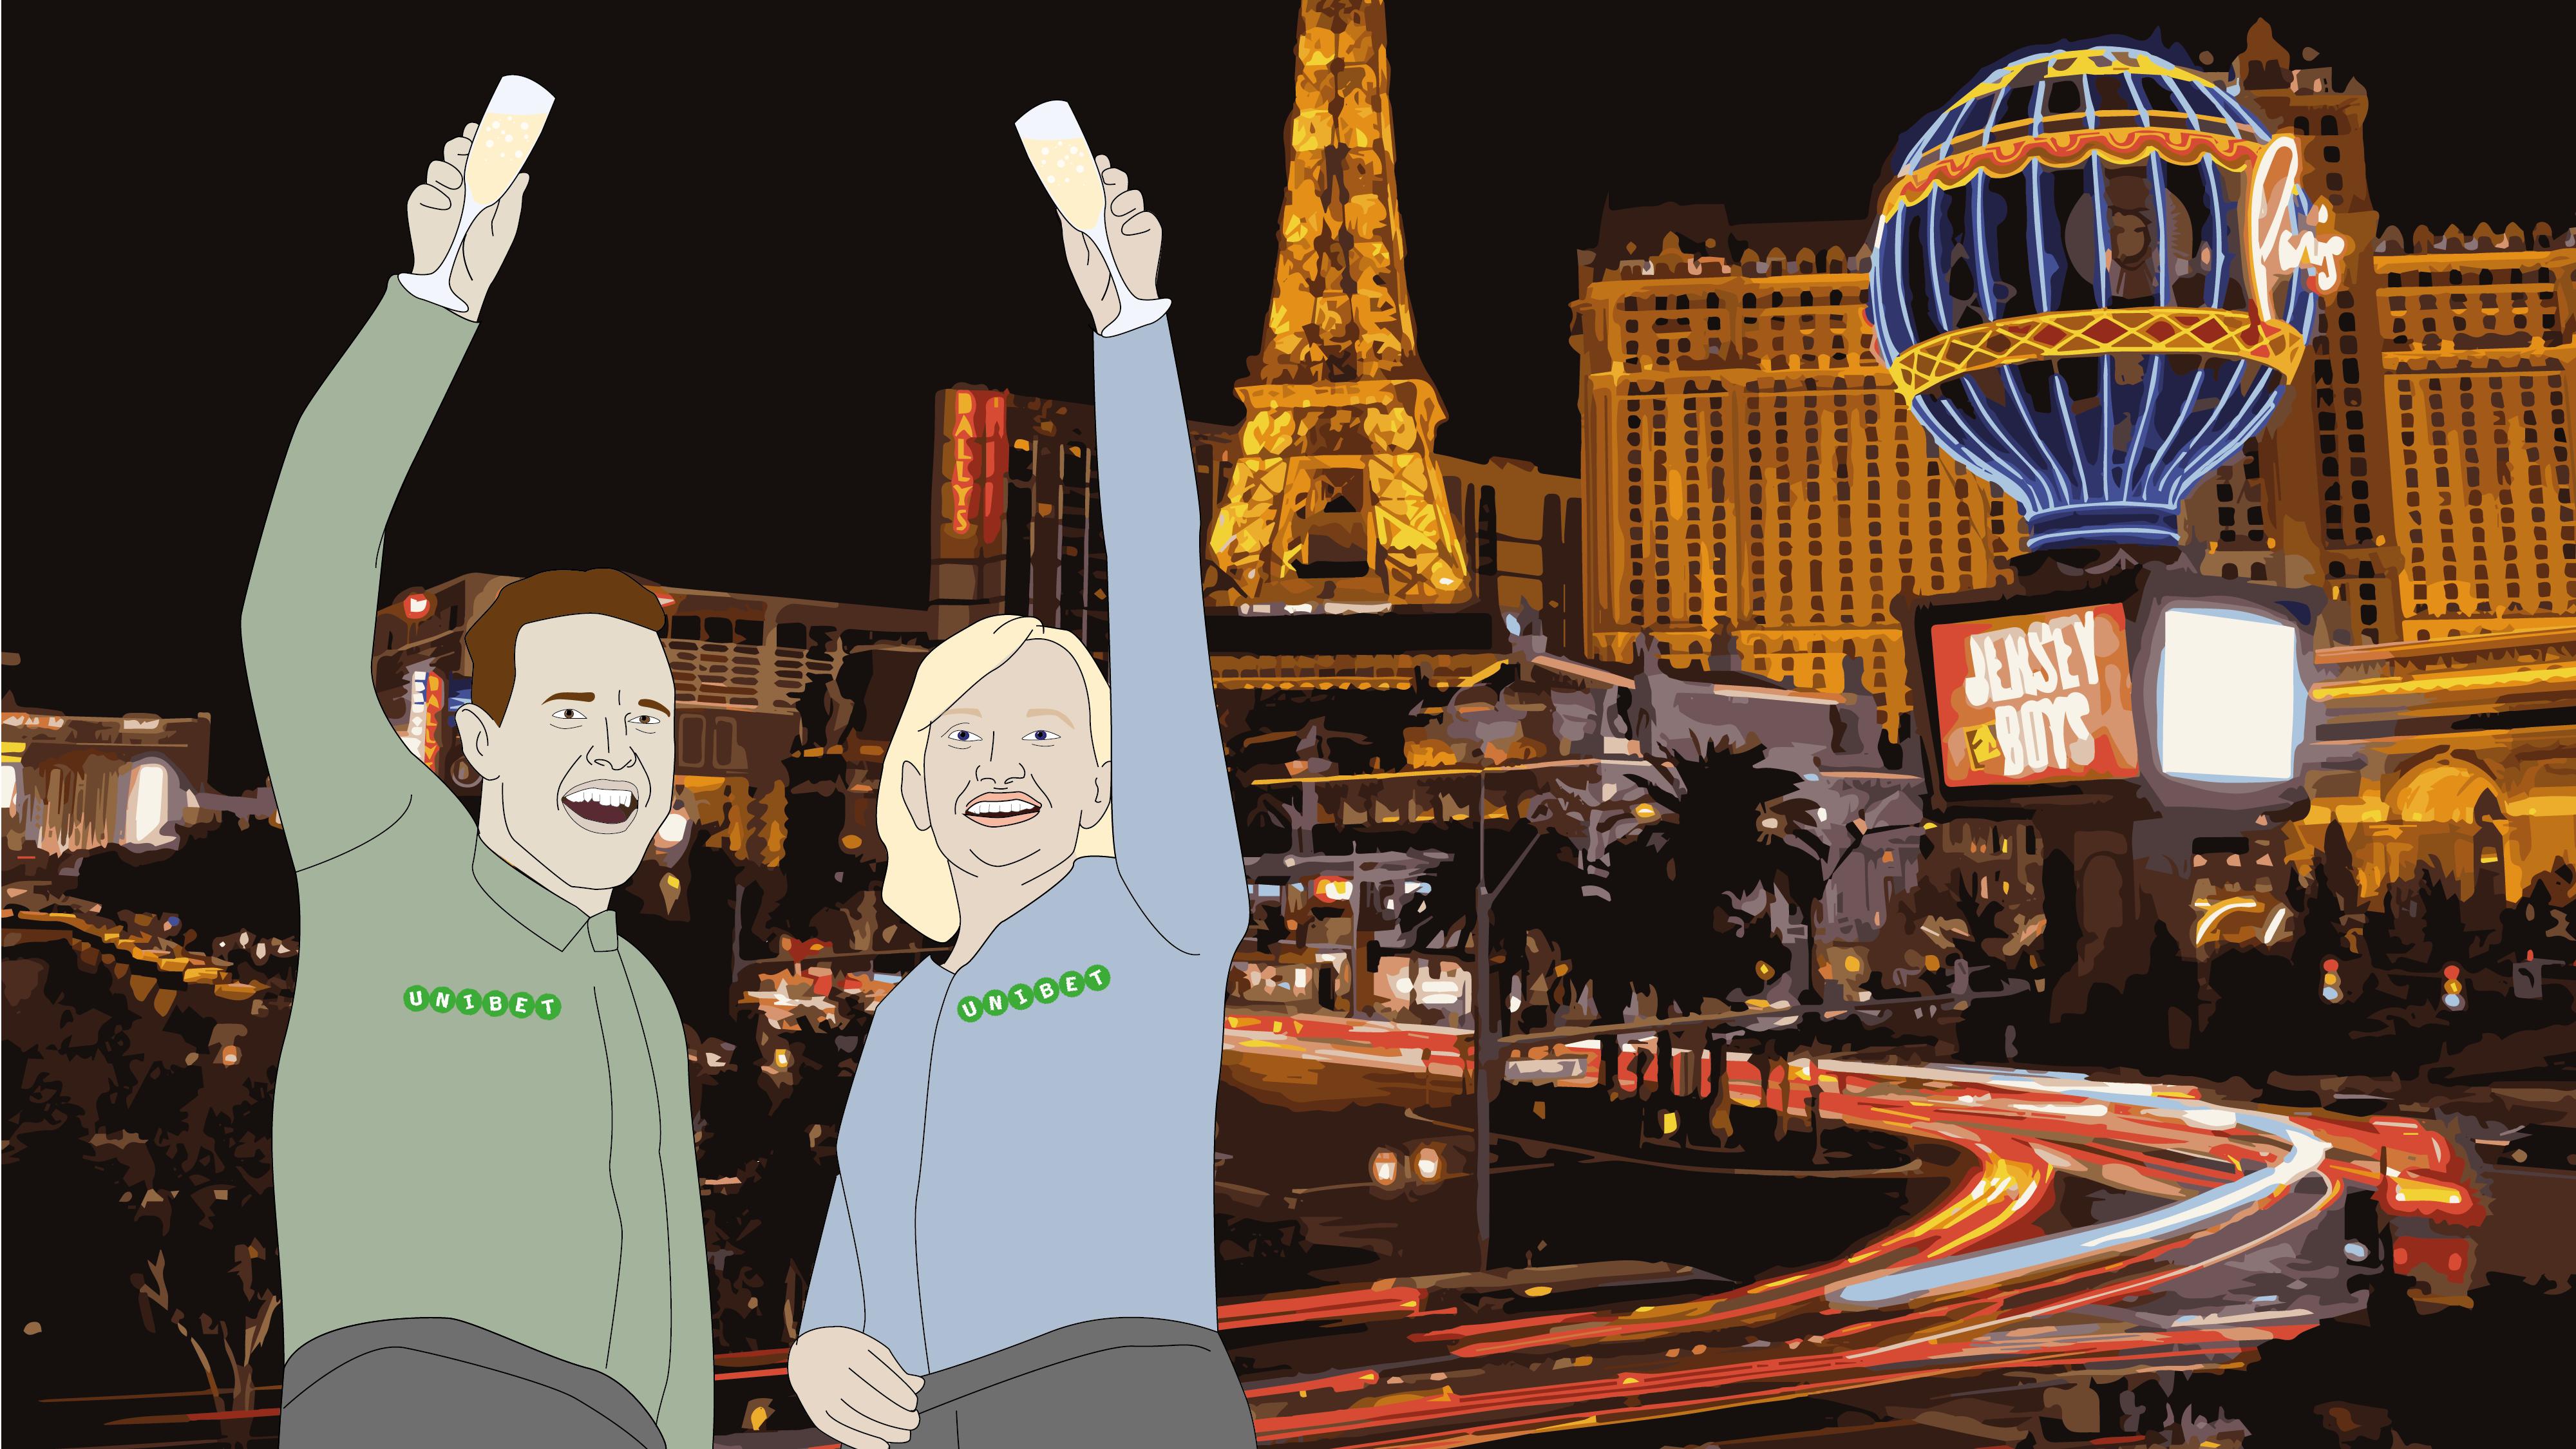 Voita matka Las Vegasiin